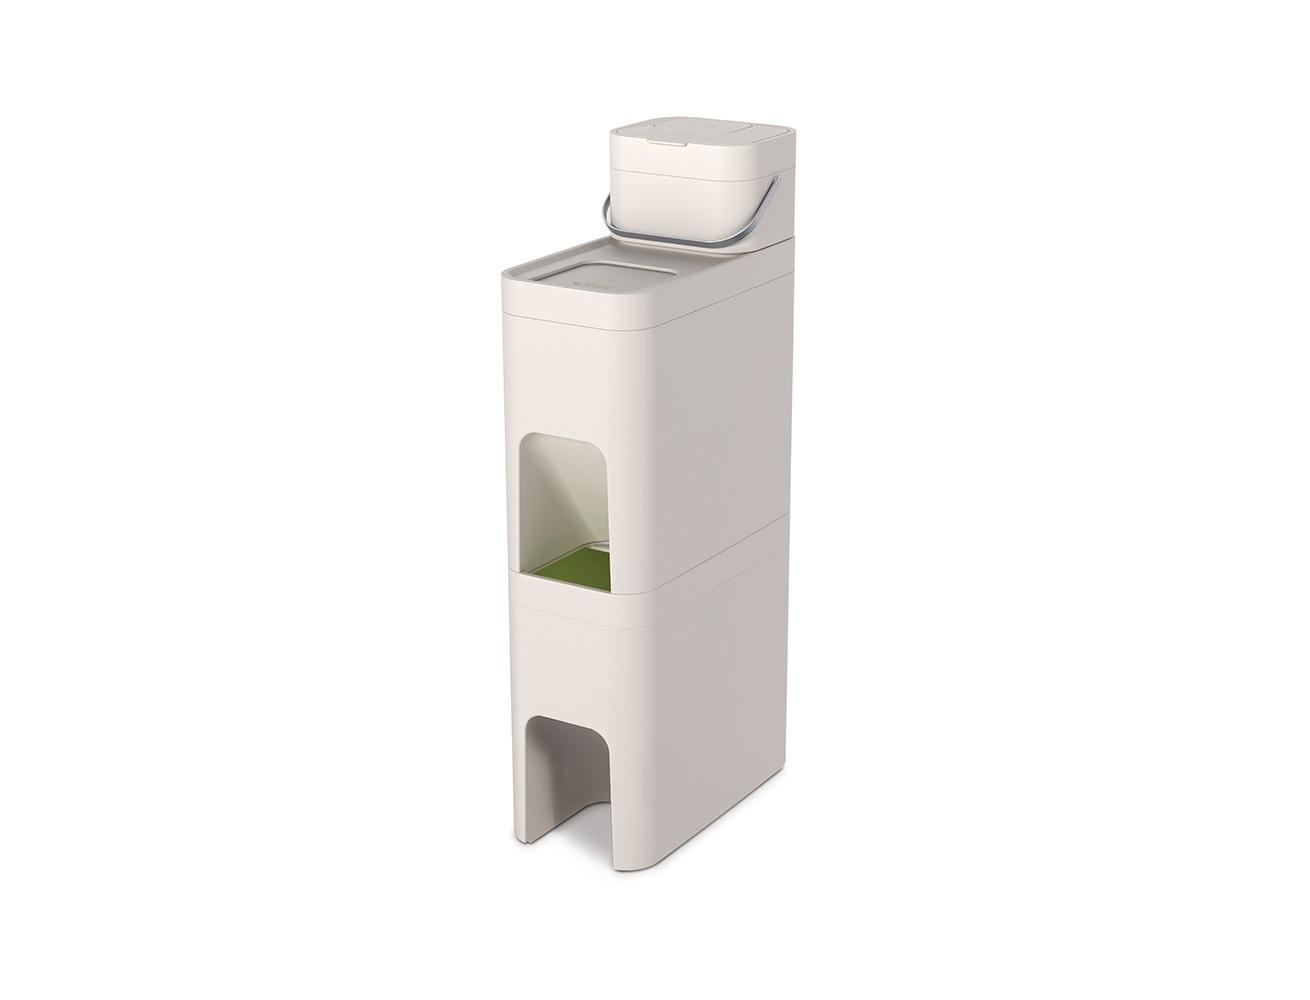 Система контейнеров для мусора stackЯщики<br>Трехуровневая модульная система для раздельного сбора мусора. Состоит из двух раздельных контейнеров объёмом 24 литра каждый и 4-х литрового контейнера для пищевых отходов. Контейнеры компактно устанавливаются один на другой.<br>Расположенные внутри ведра легко вынимаются: удобно мыть и выносить. Скользящие крышки (к каждой из которых обеспечен удобный доступ) плотно закрывают мусор от взглядов, не выпуская неприятные запахи. Дополнительно можно приобрести специально разработанные биоразлагаемые пакеты, которые аккуратно крепятся к краям контейнеров за специальные отверстия.<br>Контейнер для пищевых отходов оснащён съёмными фильтрами для блокировки неприятных запахов и удобной ручкой для переноски.&amp;lt;div&amp;gt;&amp;amp;nbsp;<br>&amp;lt;iframe width=&amp;quot;530&amp;quot; height=&amp;quot;315&amp;quot; src=&amp;quot;https://www.youtube.com/embed/5iHbDi-qBUg&amp;quot; frameborder=&amp;quot;0&amp;quot; allowfullscreen=&amp;quot;&amp;quot;&amp;gt;&amp;lt;/iframe&amp;gt;&amp;lt;/div&amp;gt;<br><br>Material: Пластик<br>Ширина см: 23<br>Высота см: 80<br>Глубина см: 44